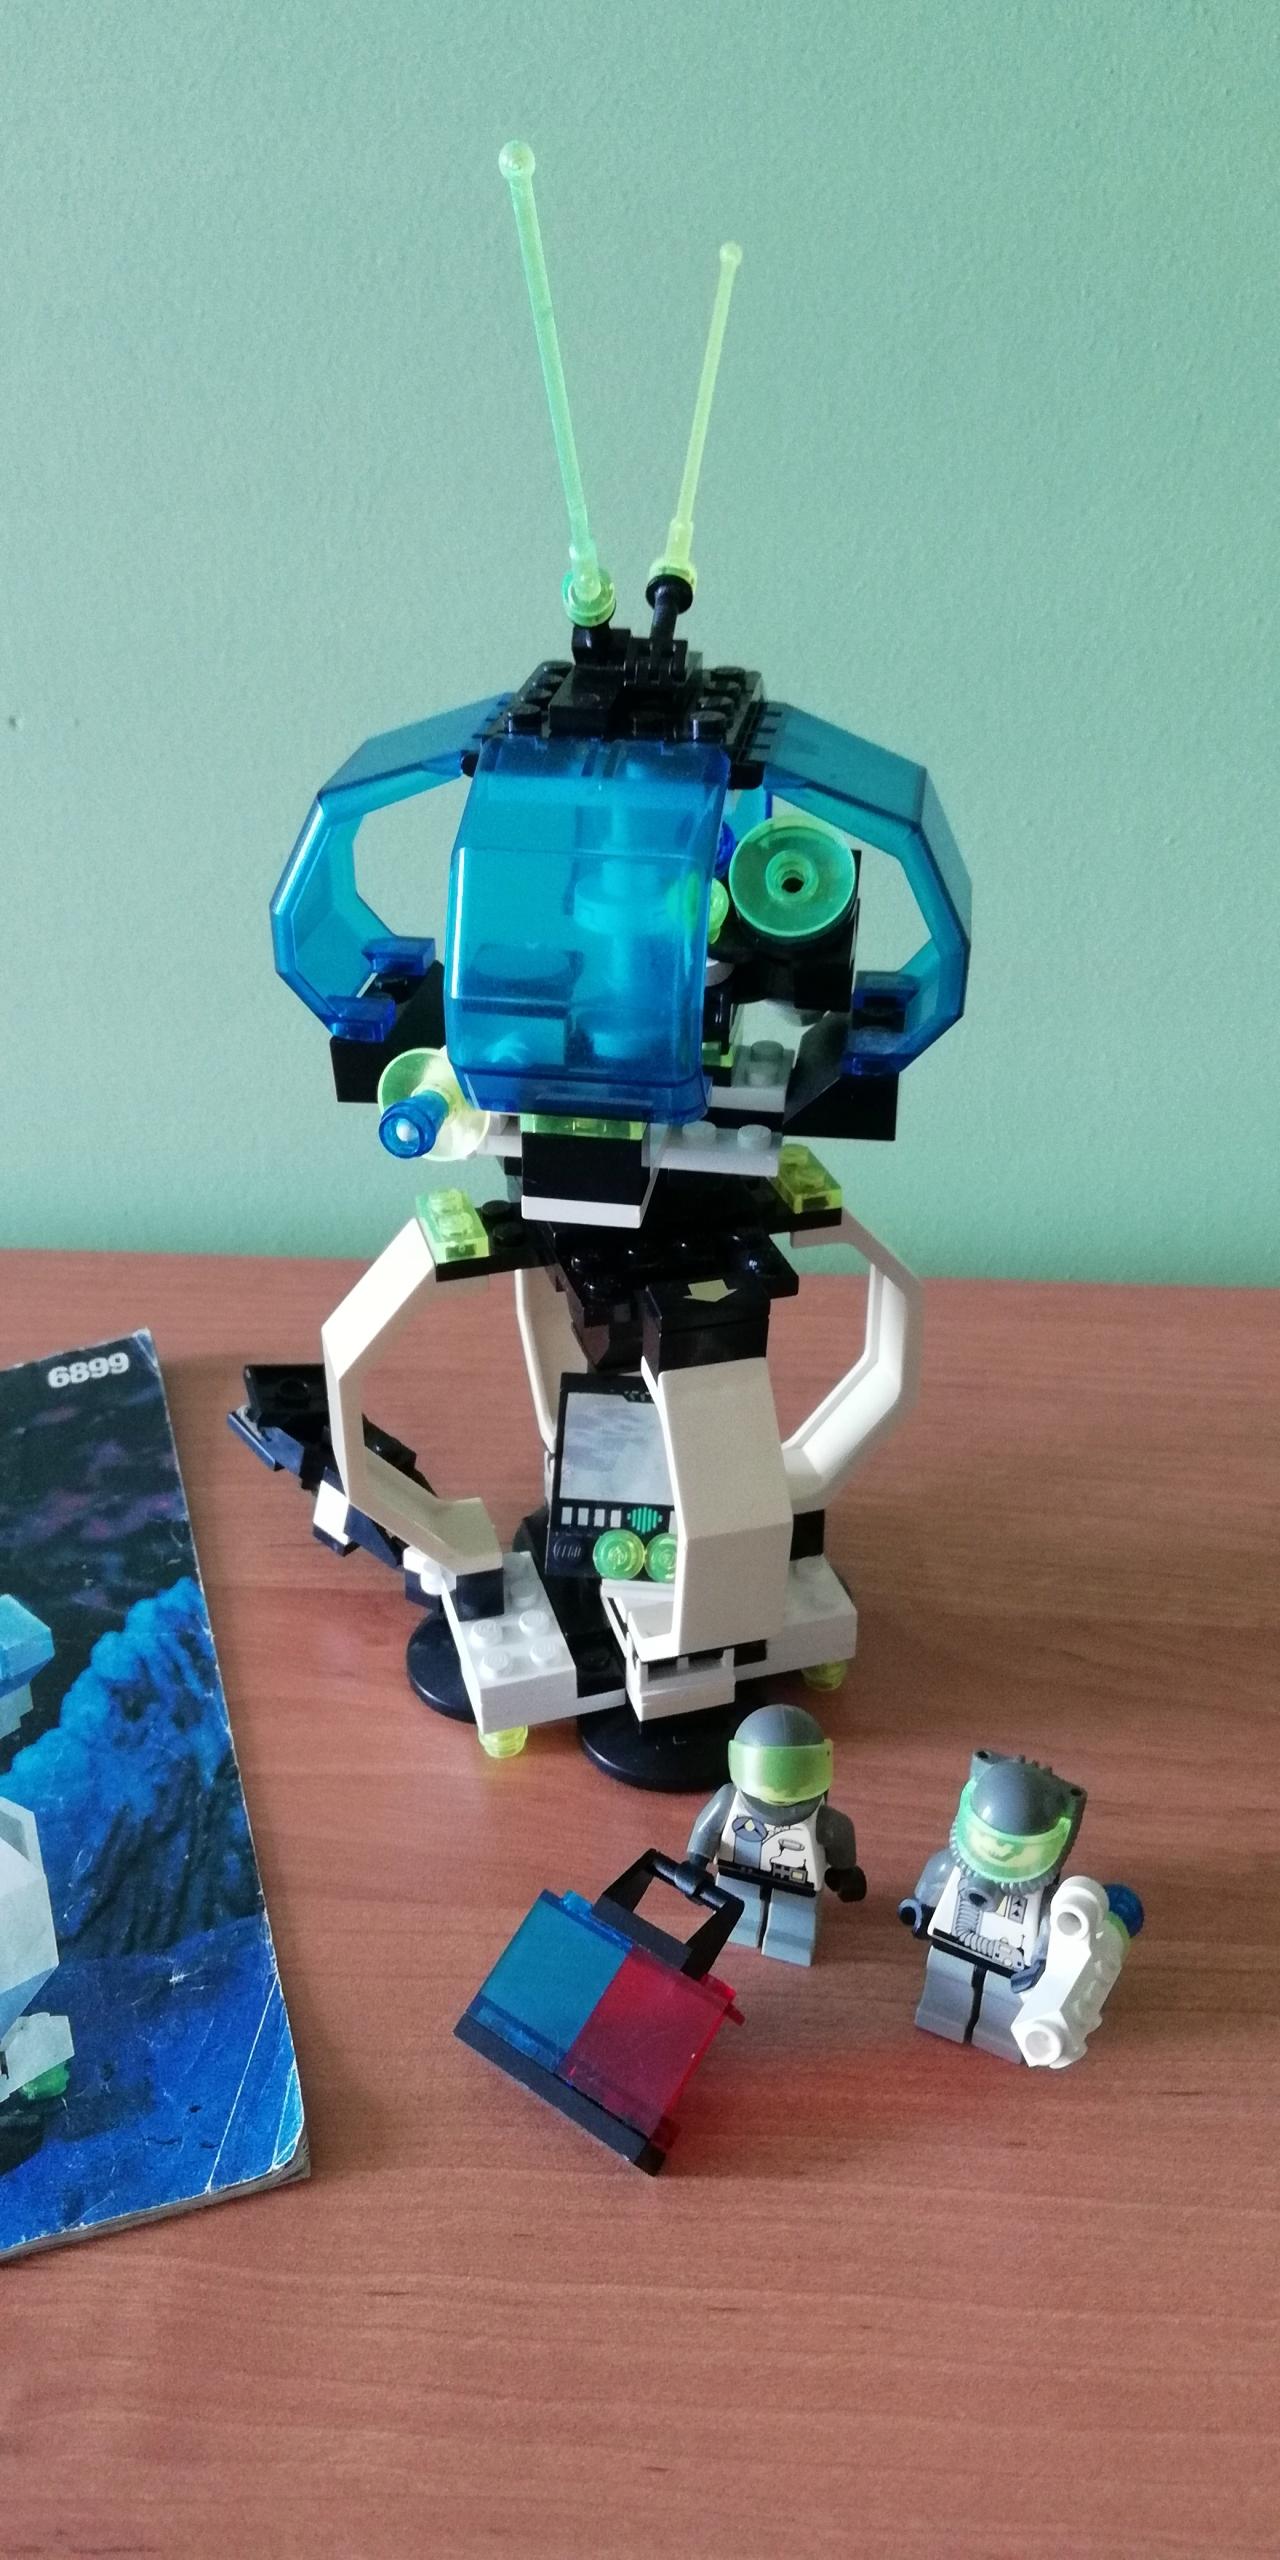 Lego 6899 Nebula Outpost Instrukcja 7549600375 Oficjalne